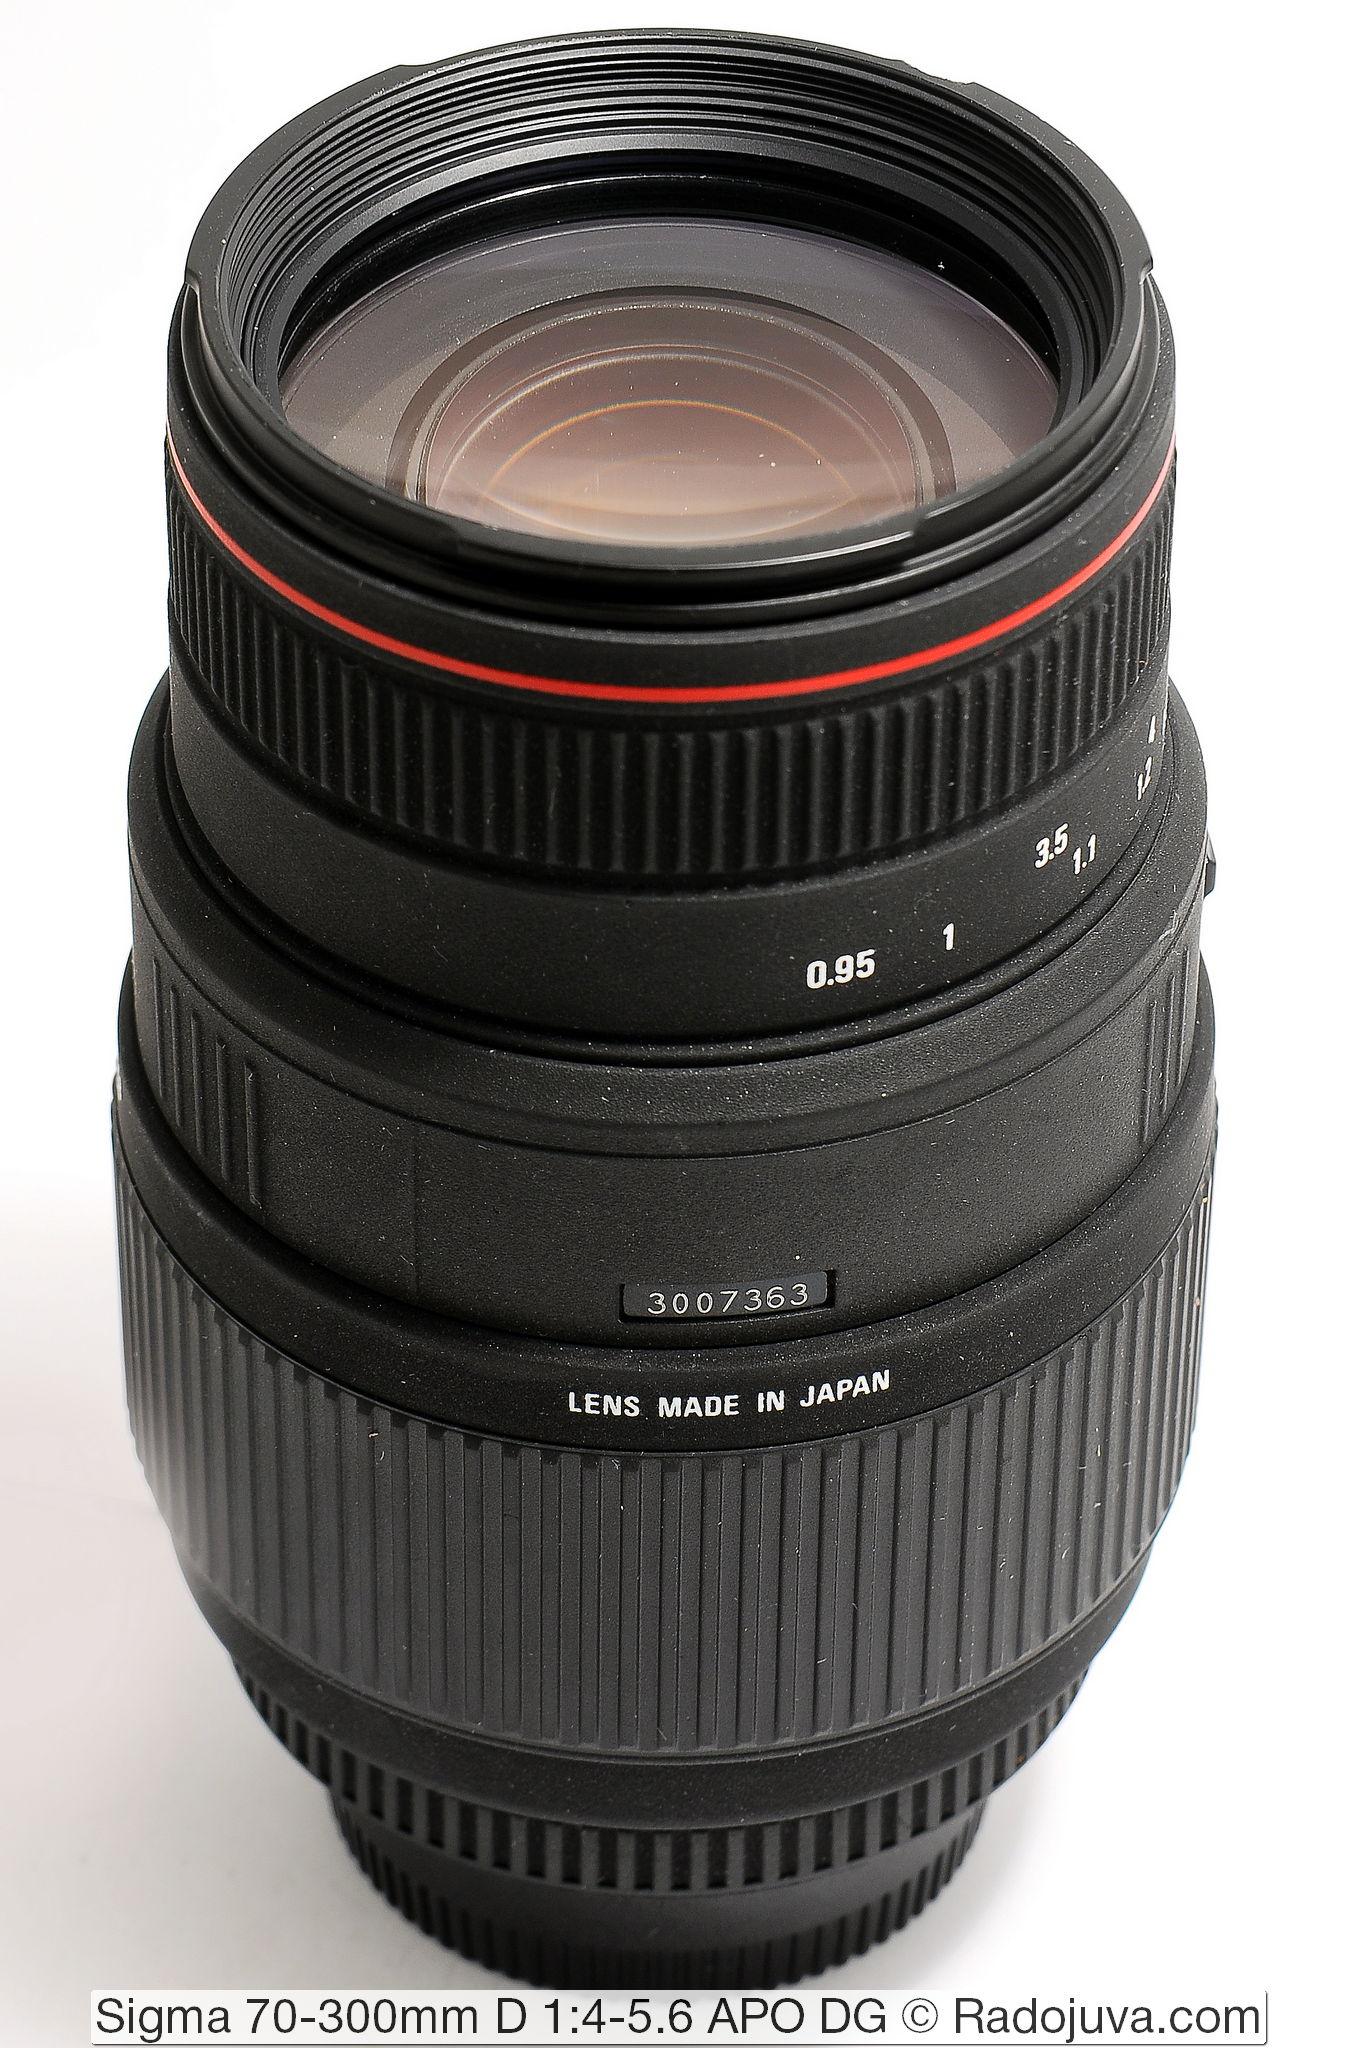 Sigma 70-300mm D 1:4-5.6 APO DG